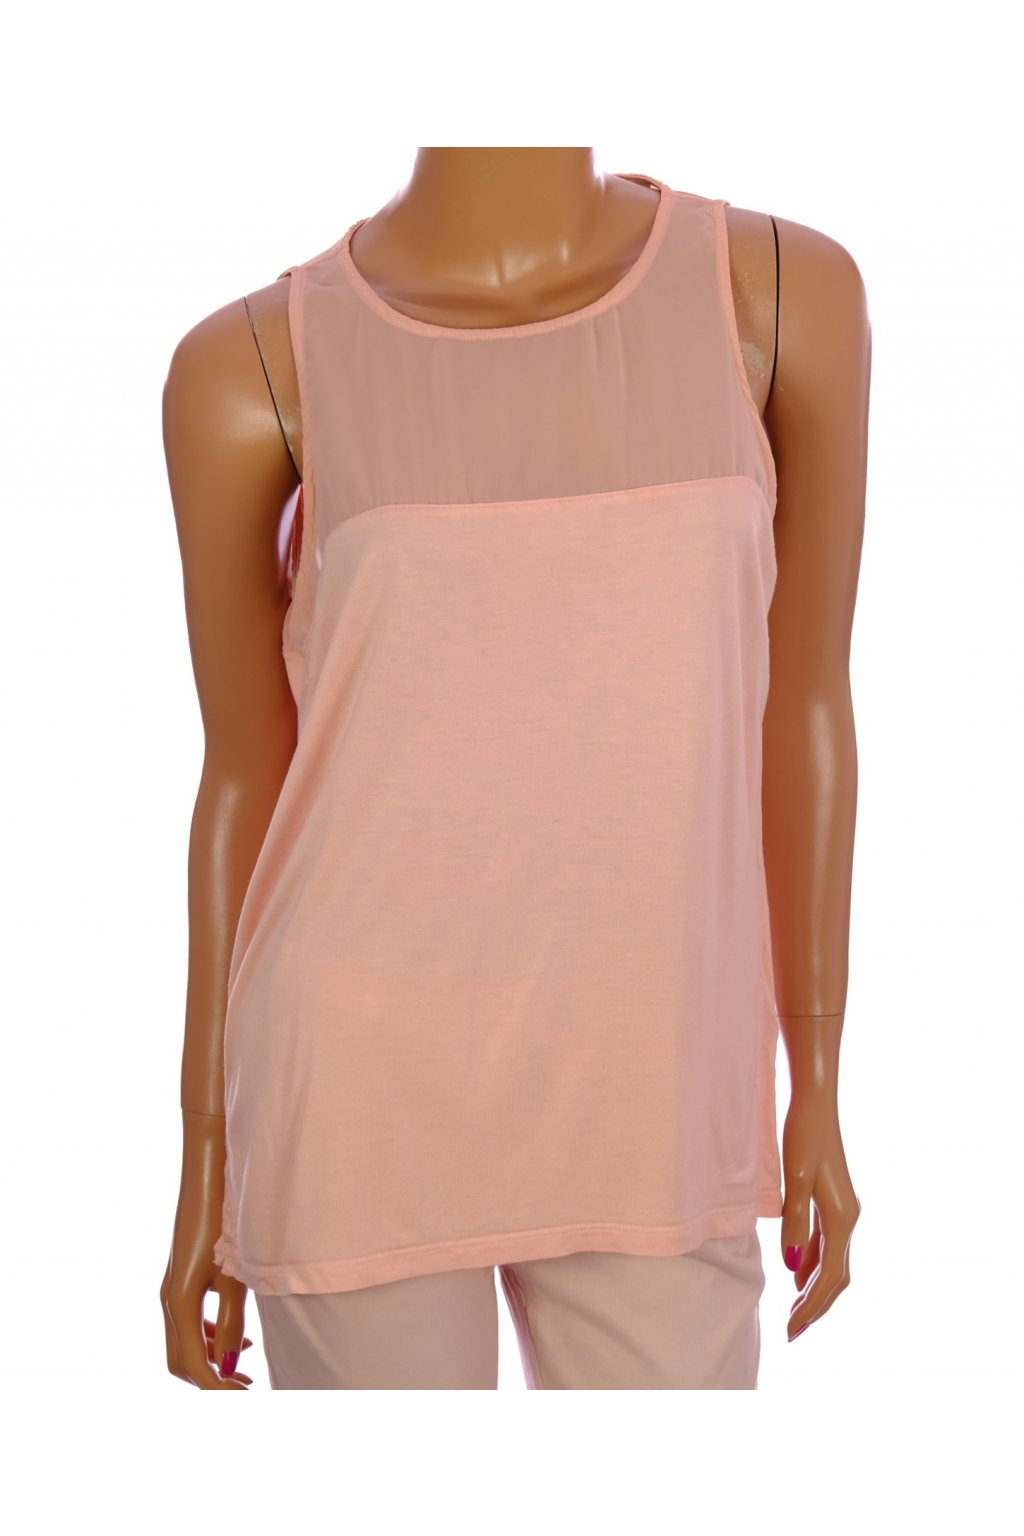 Tričko Adidas světle růžové vel. L